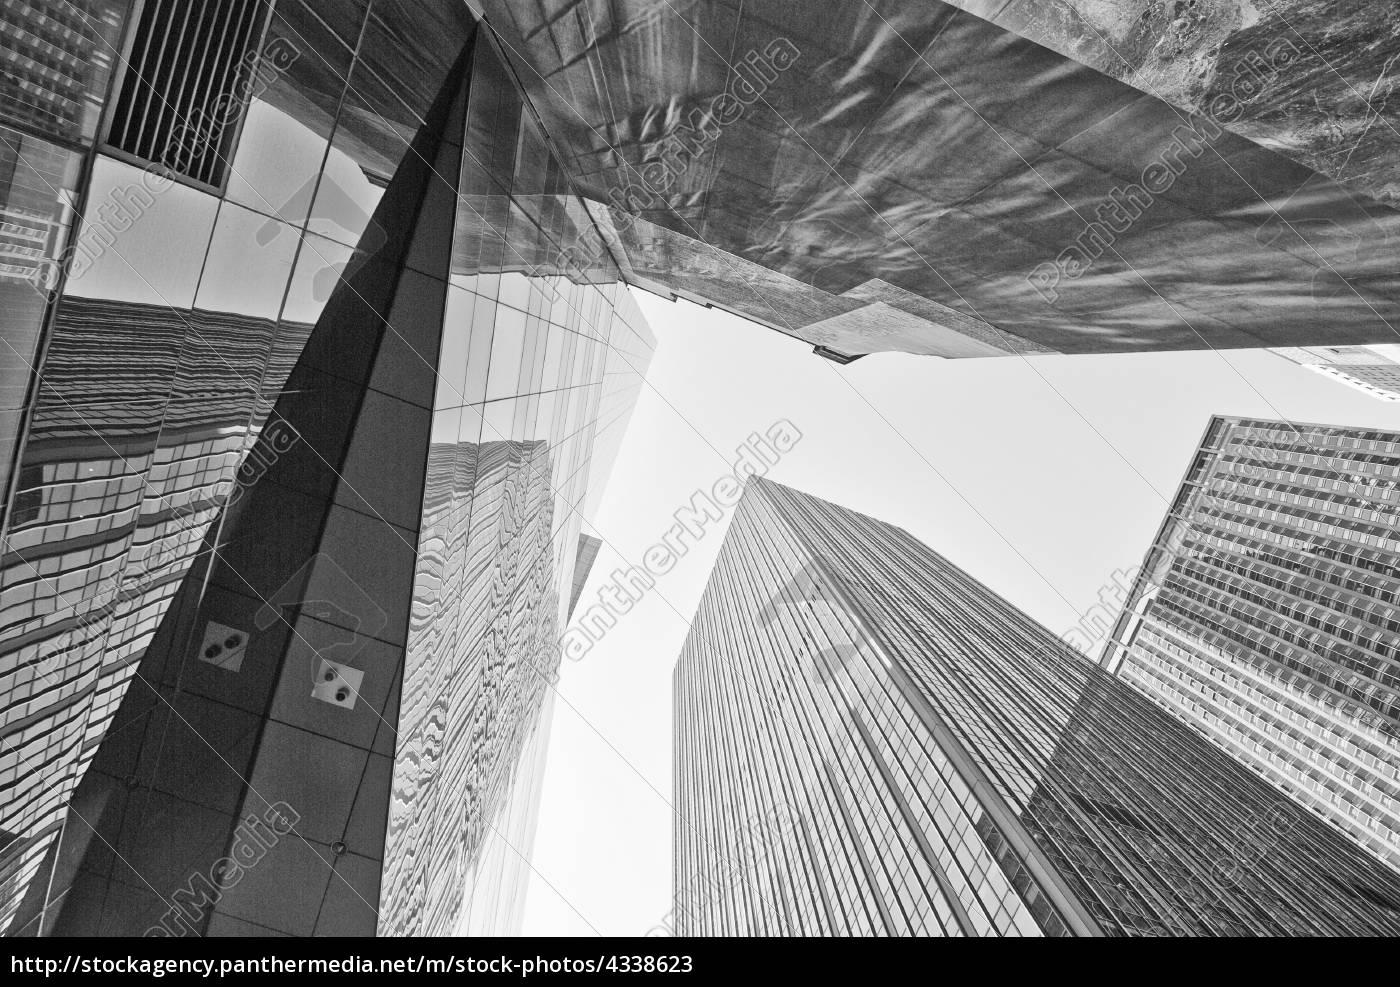 gigante, rascacielos, la, ciudad, de, nueva, york - 4338623